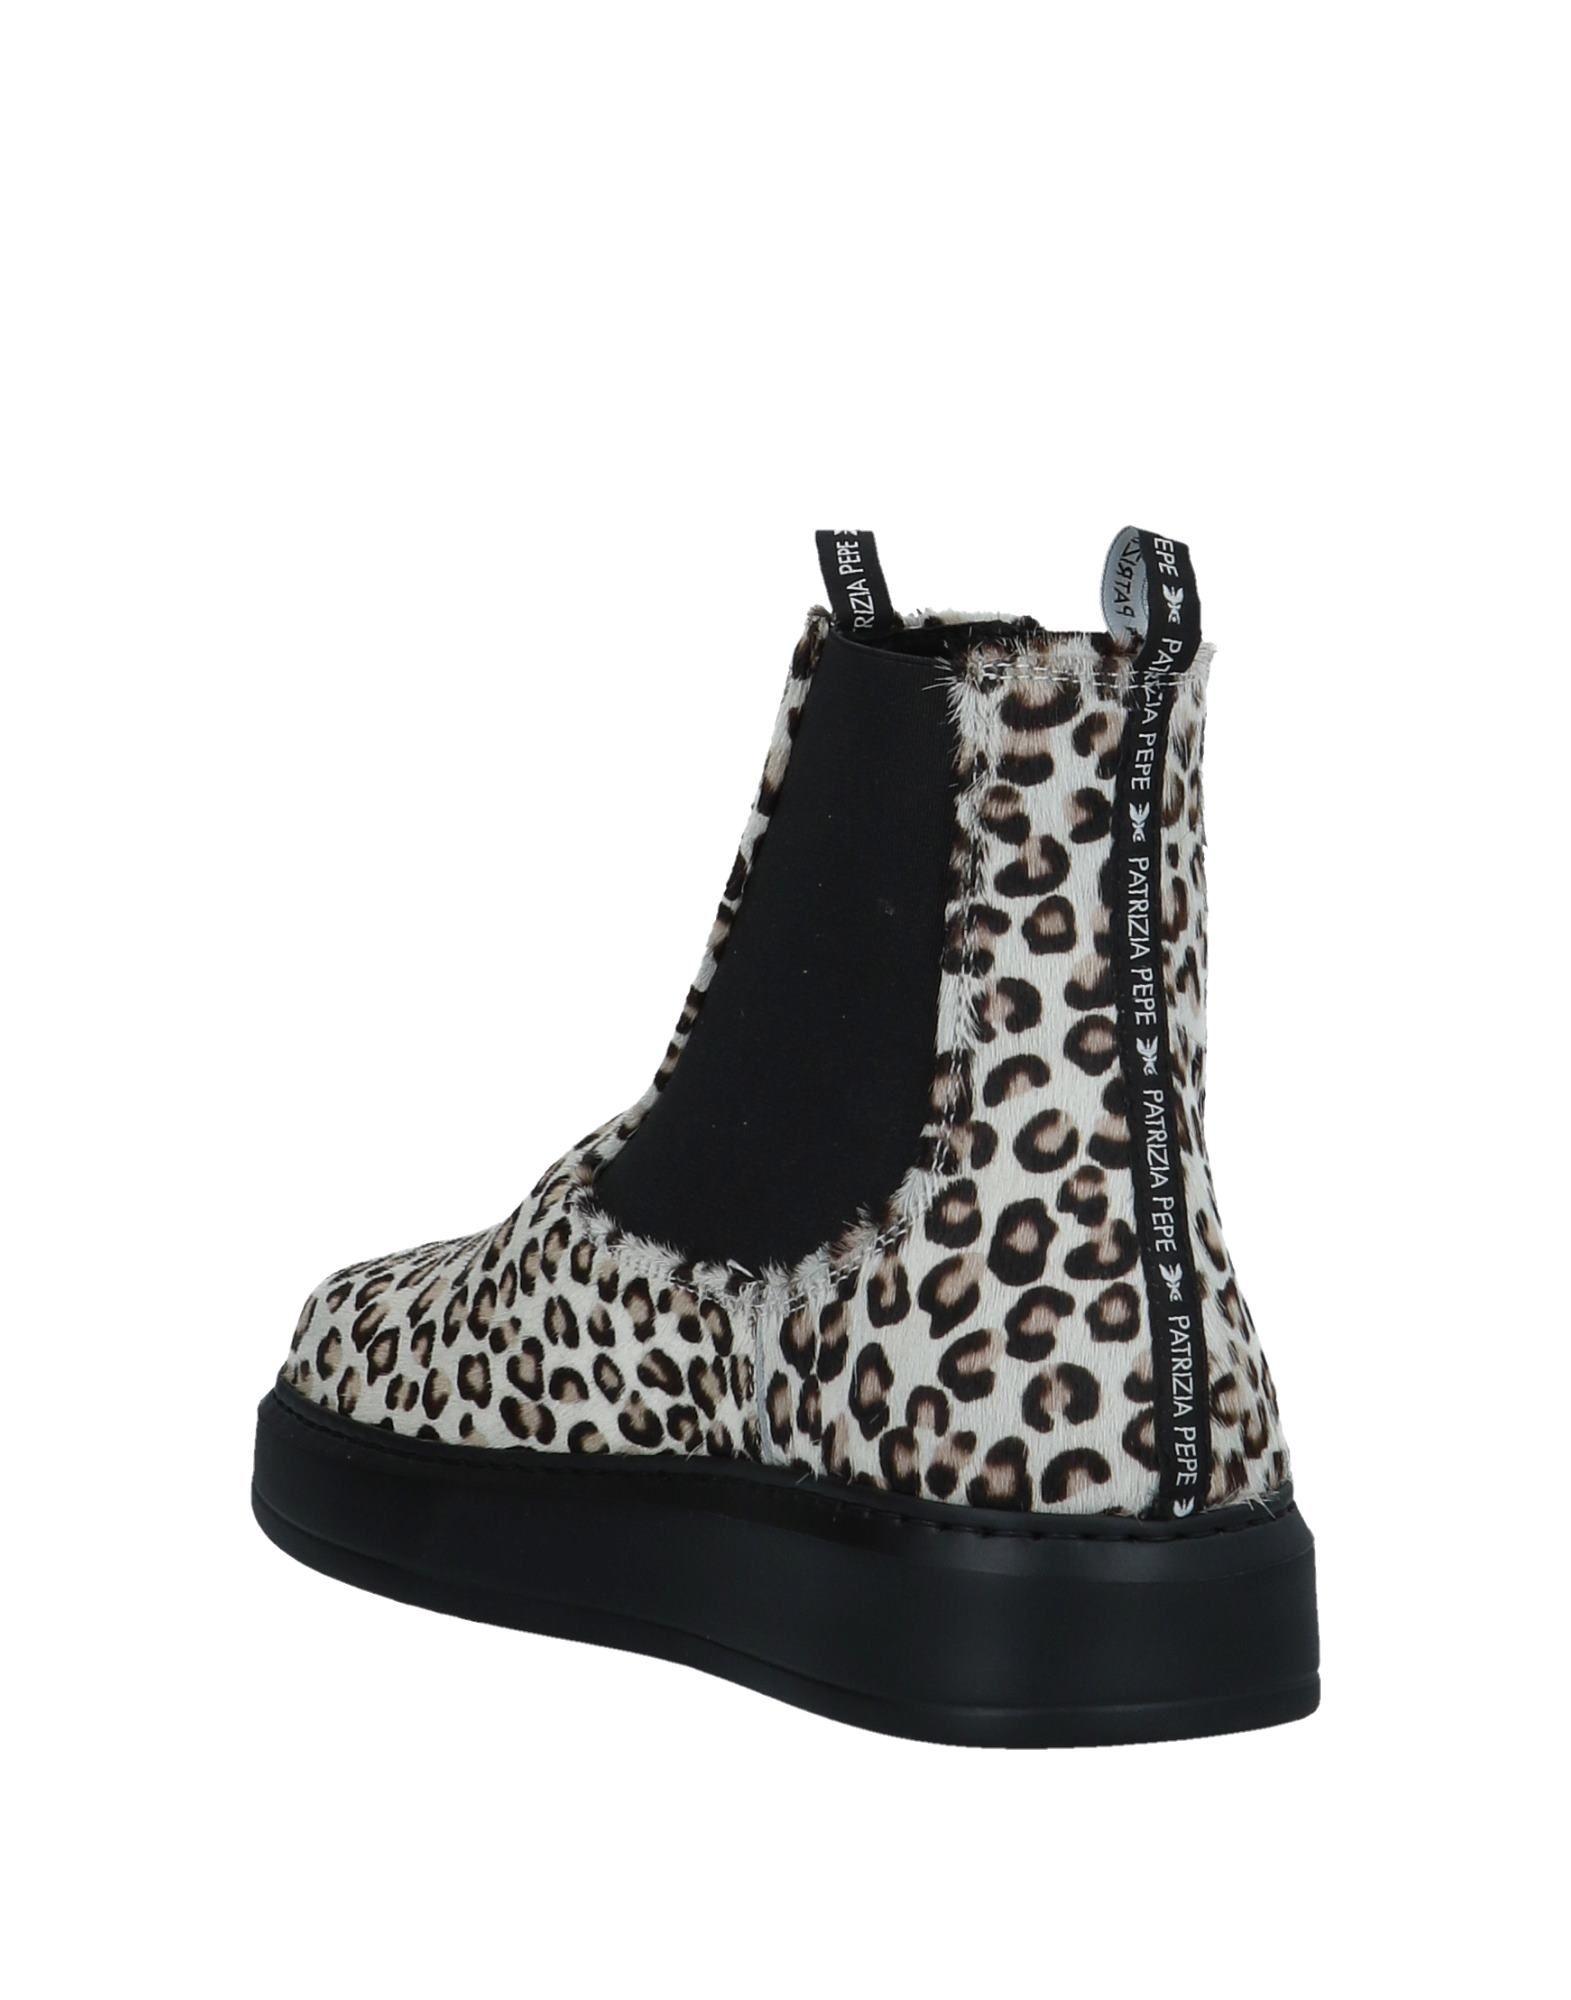 Stilvolle Stiefelette billige Schuhe Patrizia Pepe Stiefelette Stilvolle Damen  11532196OU e471c2